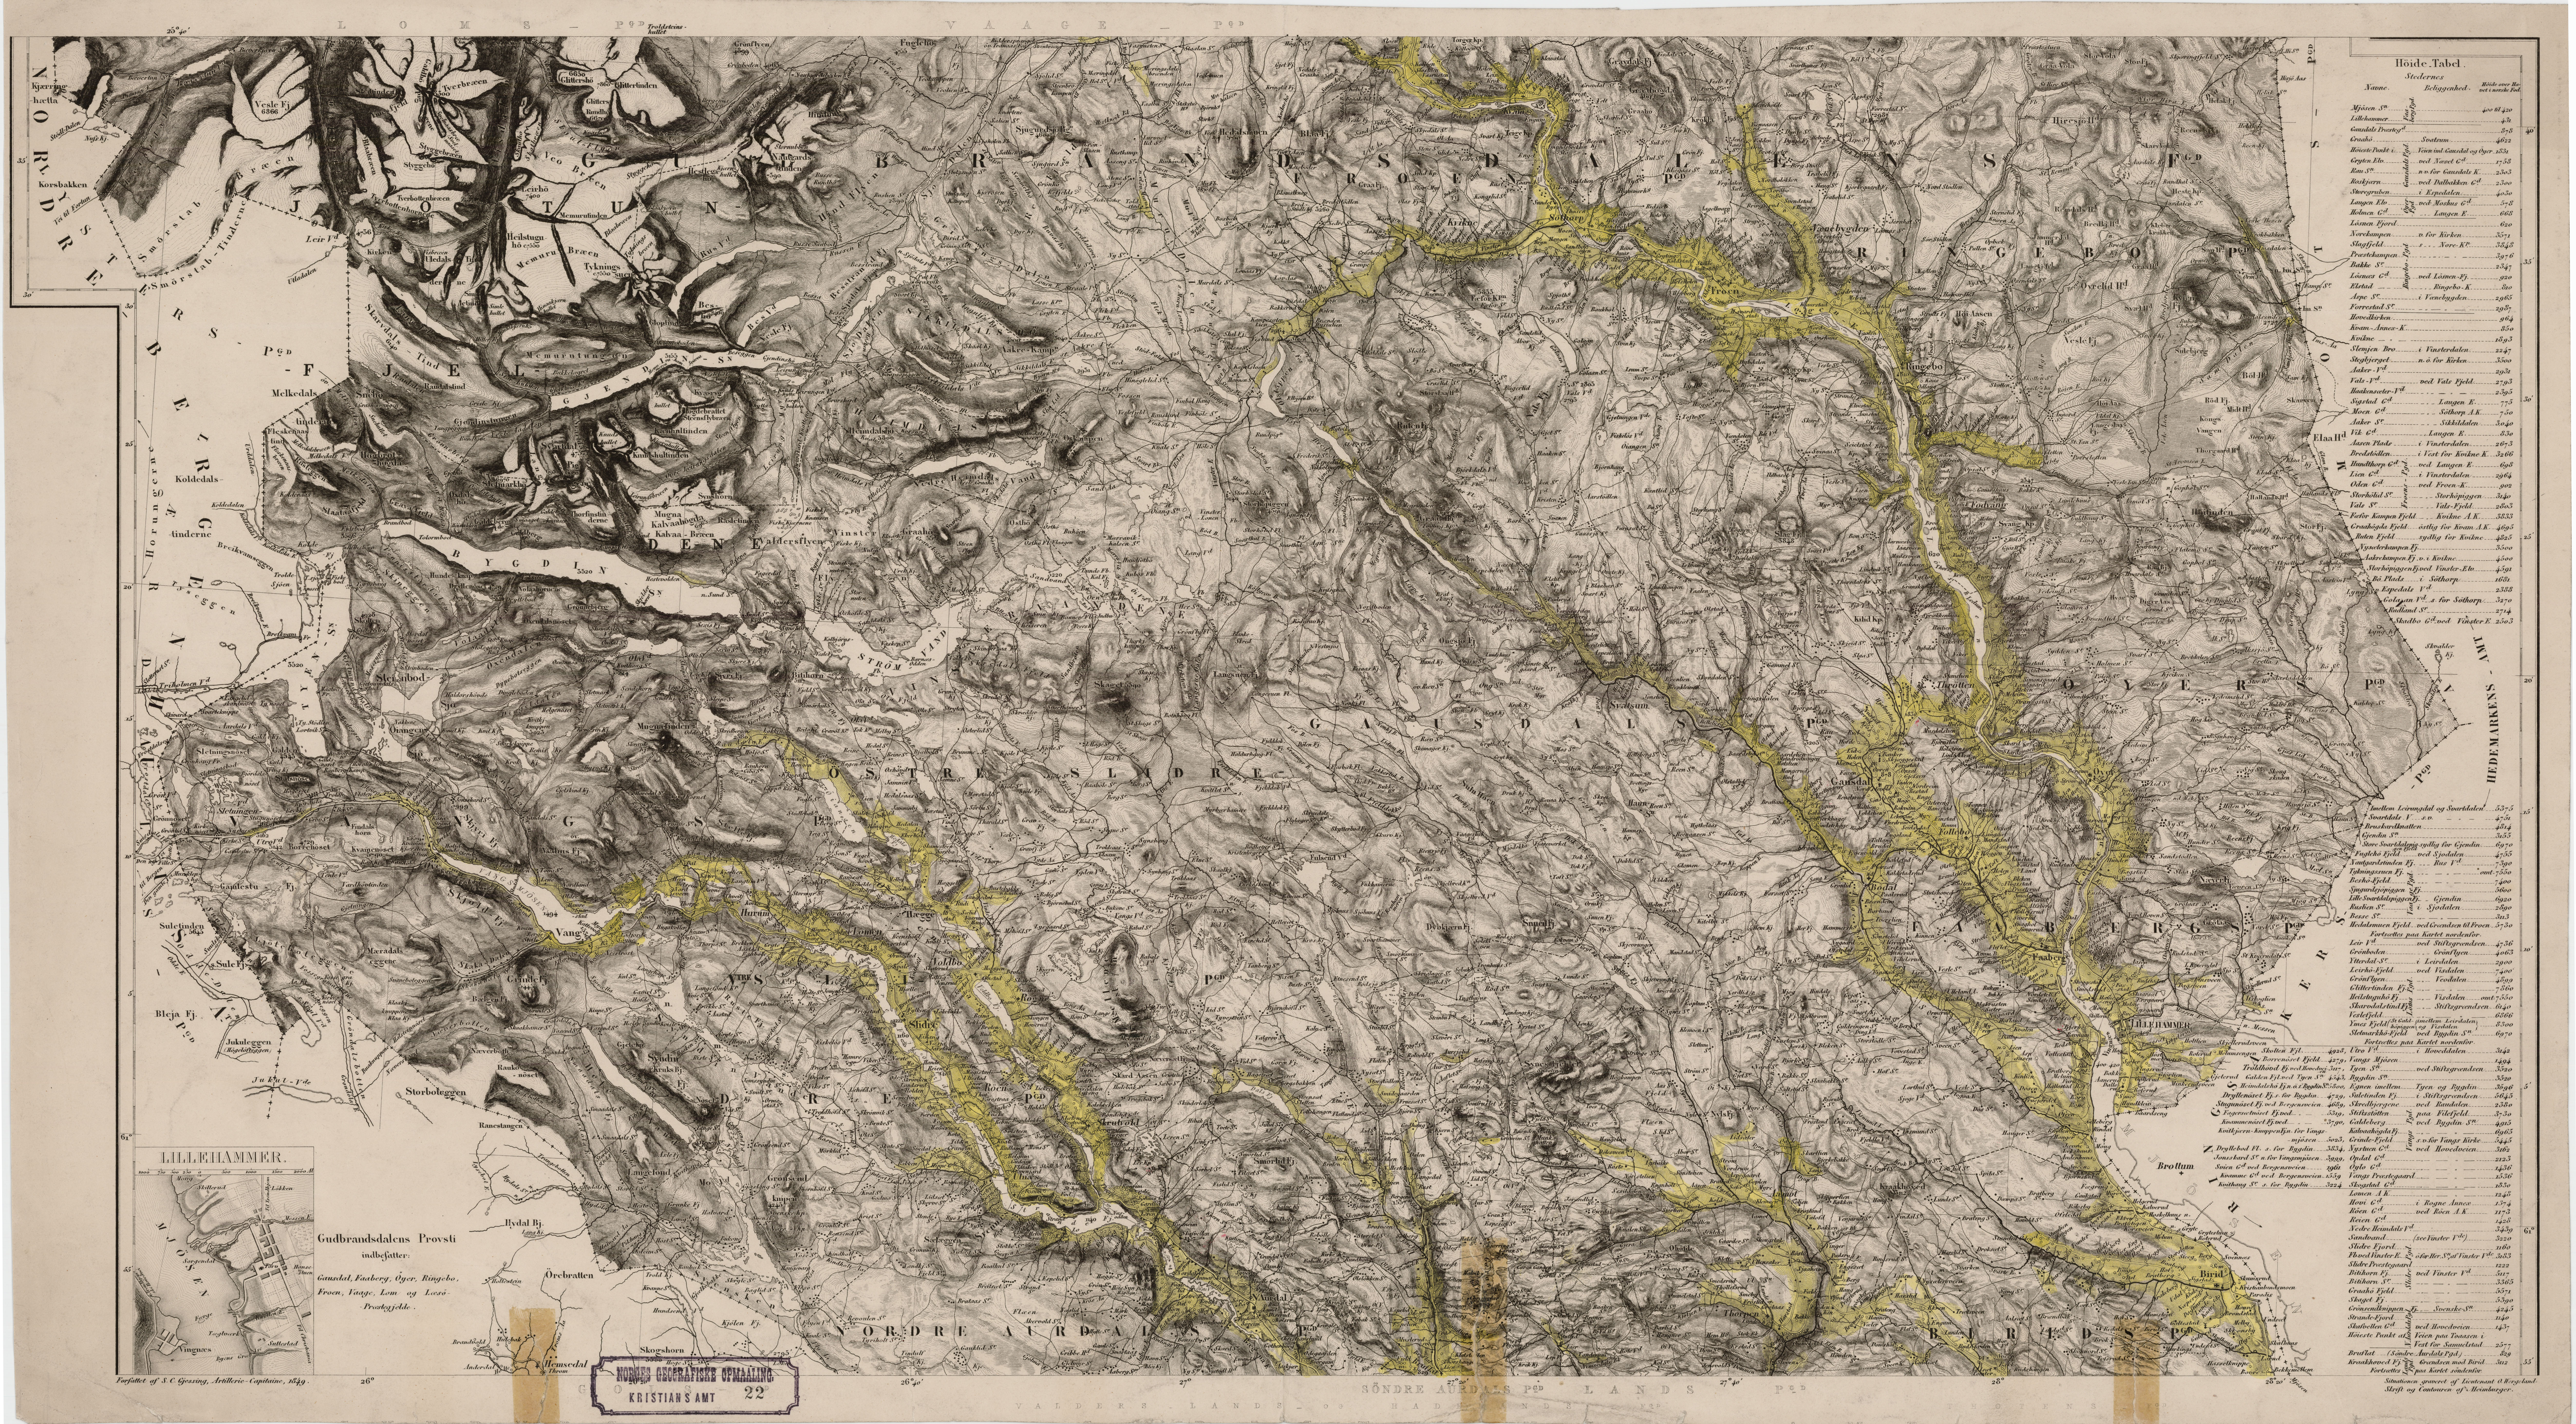 1880 kart norge File:Kristians amt nr 22  Kart over Kristians Amt, 1880.  1880 kart norge